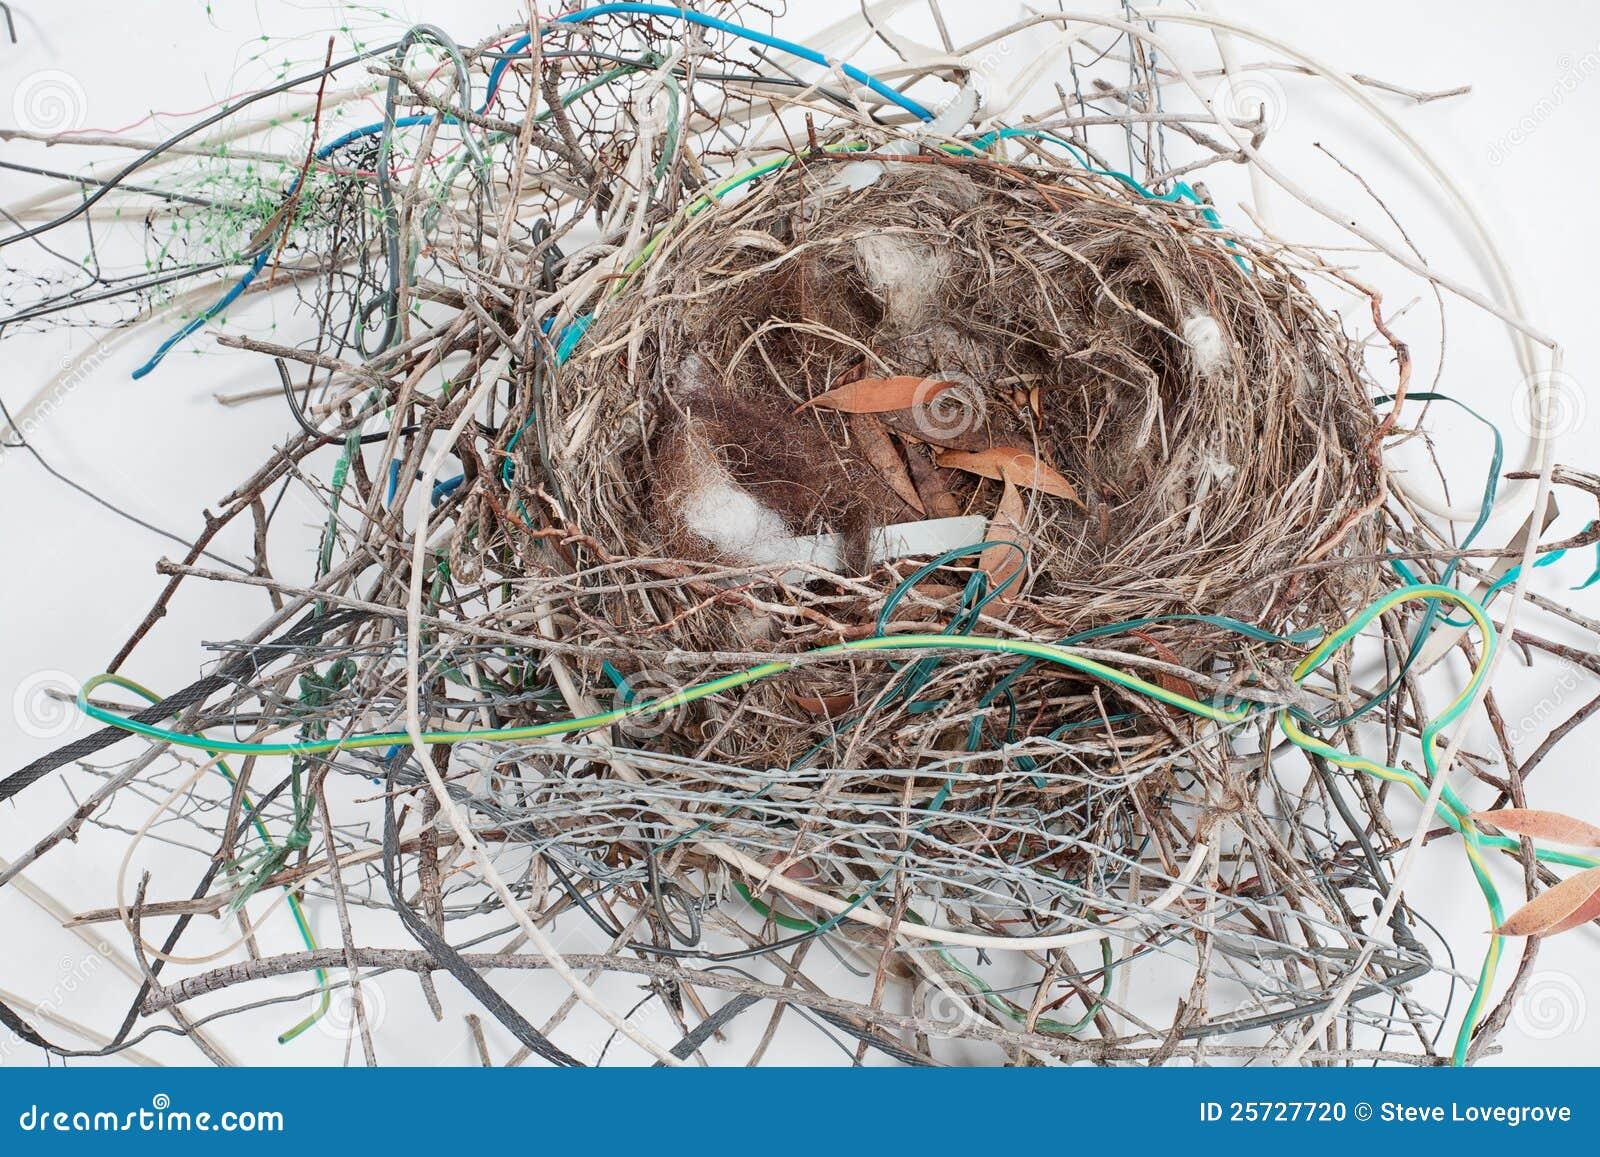 vogel nest stockfoto bild von lebensraum verschachtelung 25727720. Black Bedroom Furniture Sets. Home Design Ideas